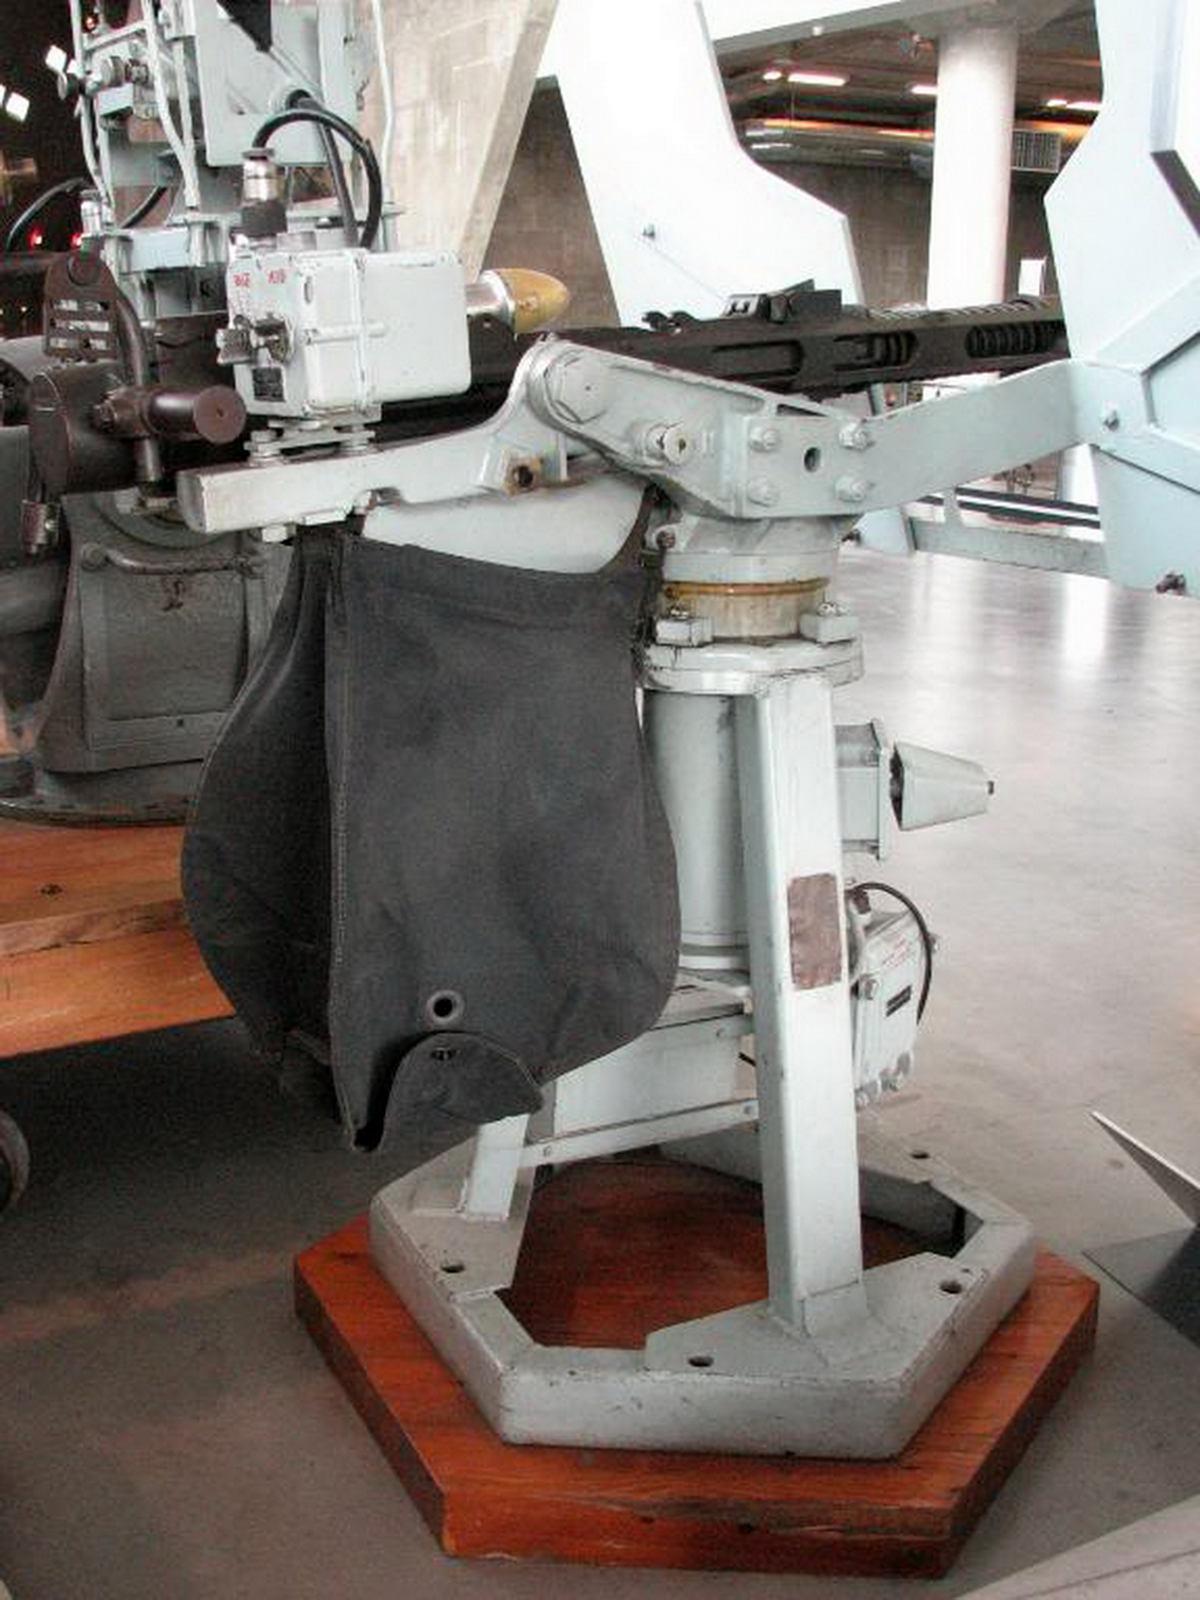 20mm Anti-Aircraft Gun (7)